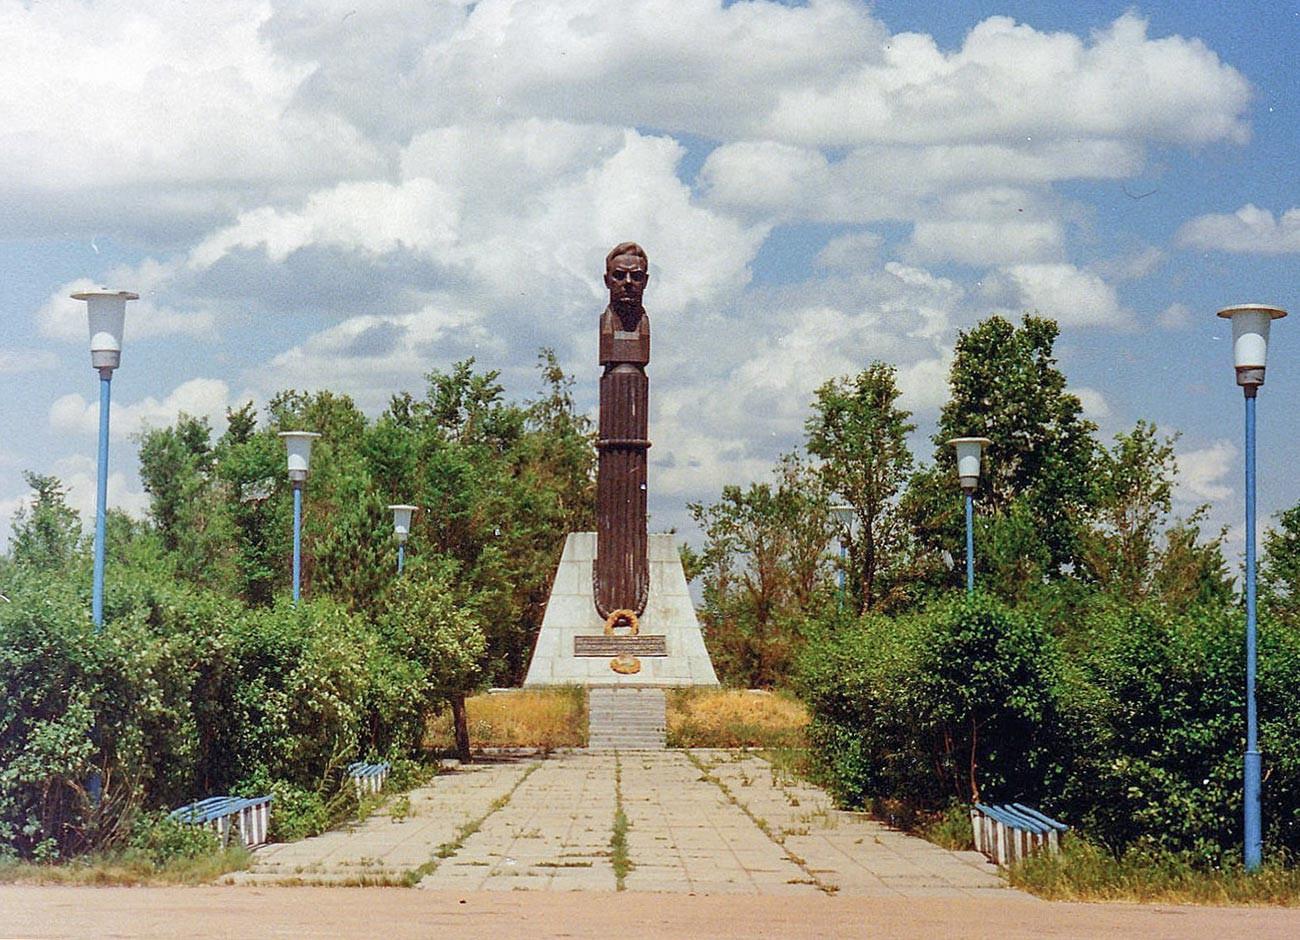 A monument in honour of Vladimir Komarov.